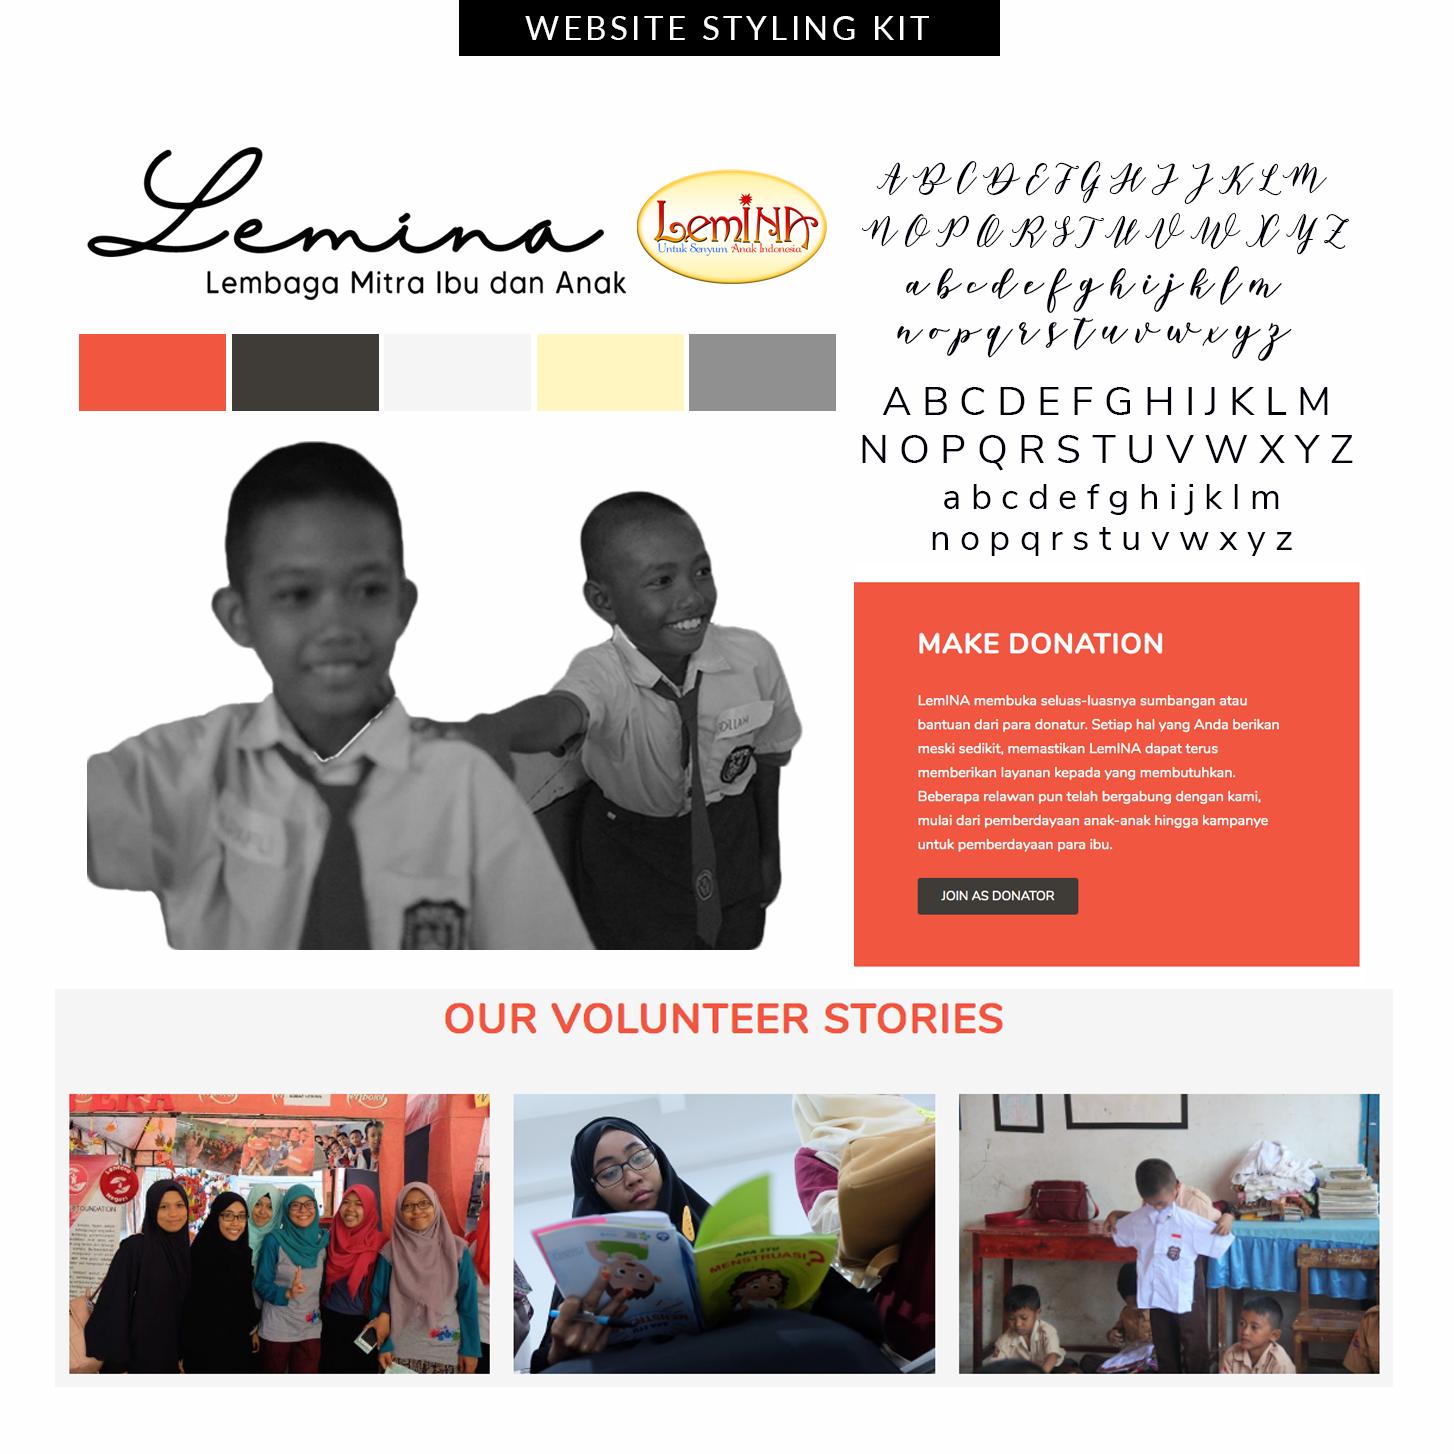 Desain Website Sobat LemINA